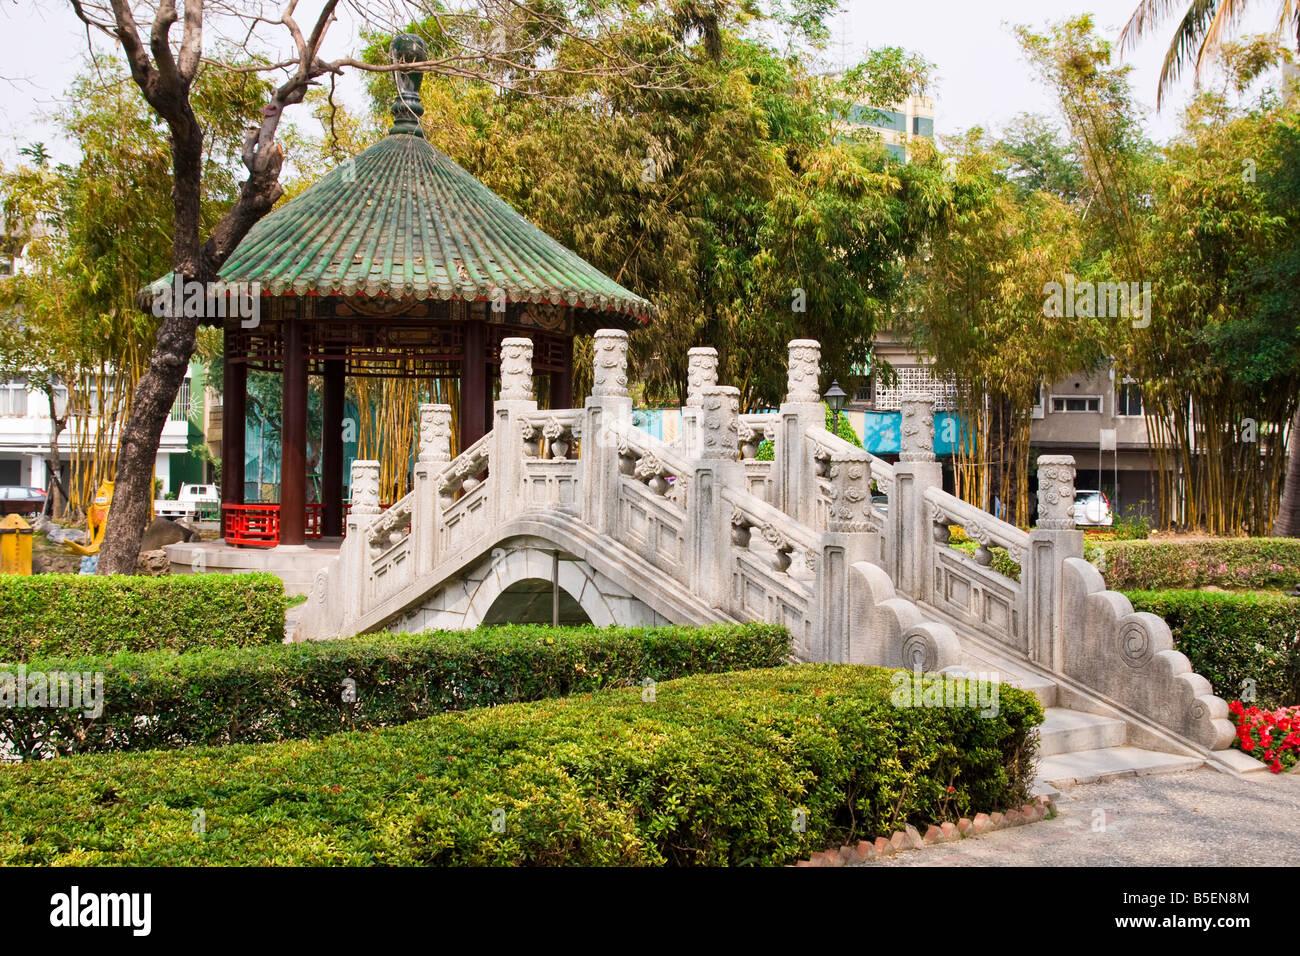 Aparcar en el centro de Tainan, Taiwán con puente y la pagoda oriental Imagen De Stock